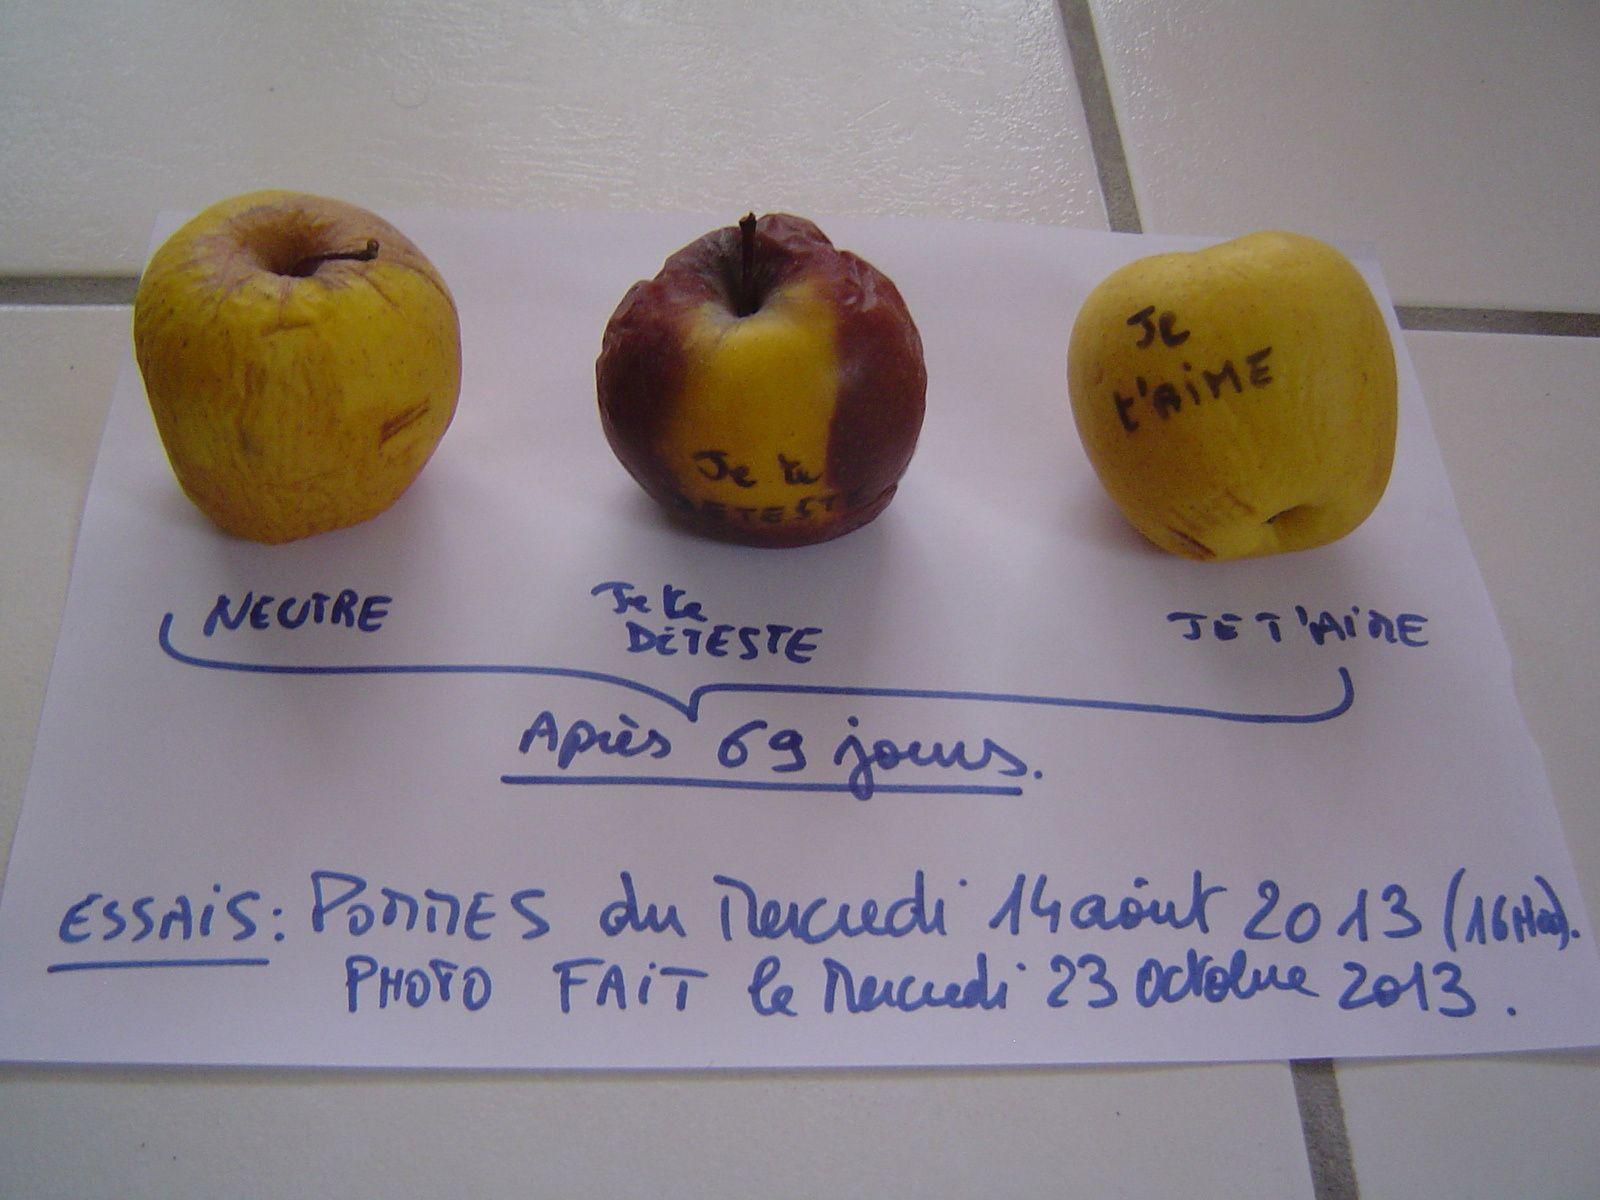 Photo1: Expérience faite sur trois pommes qui datent du 14 août 2013.